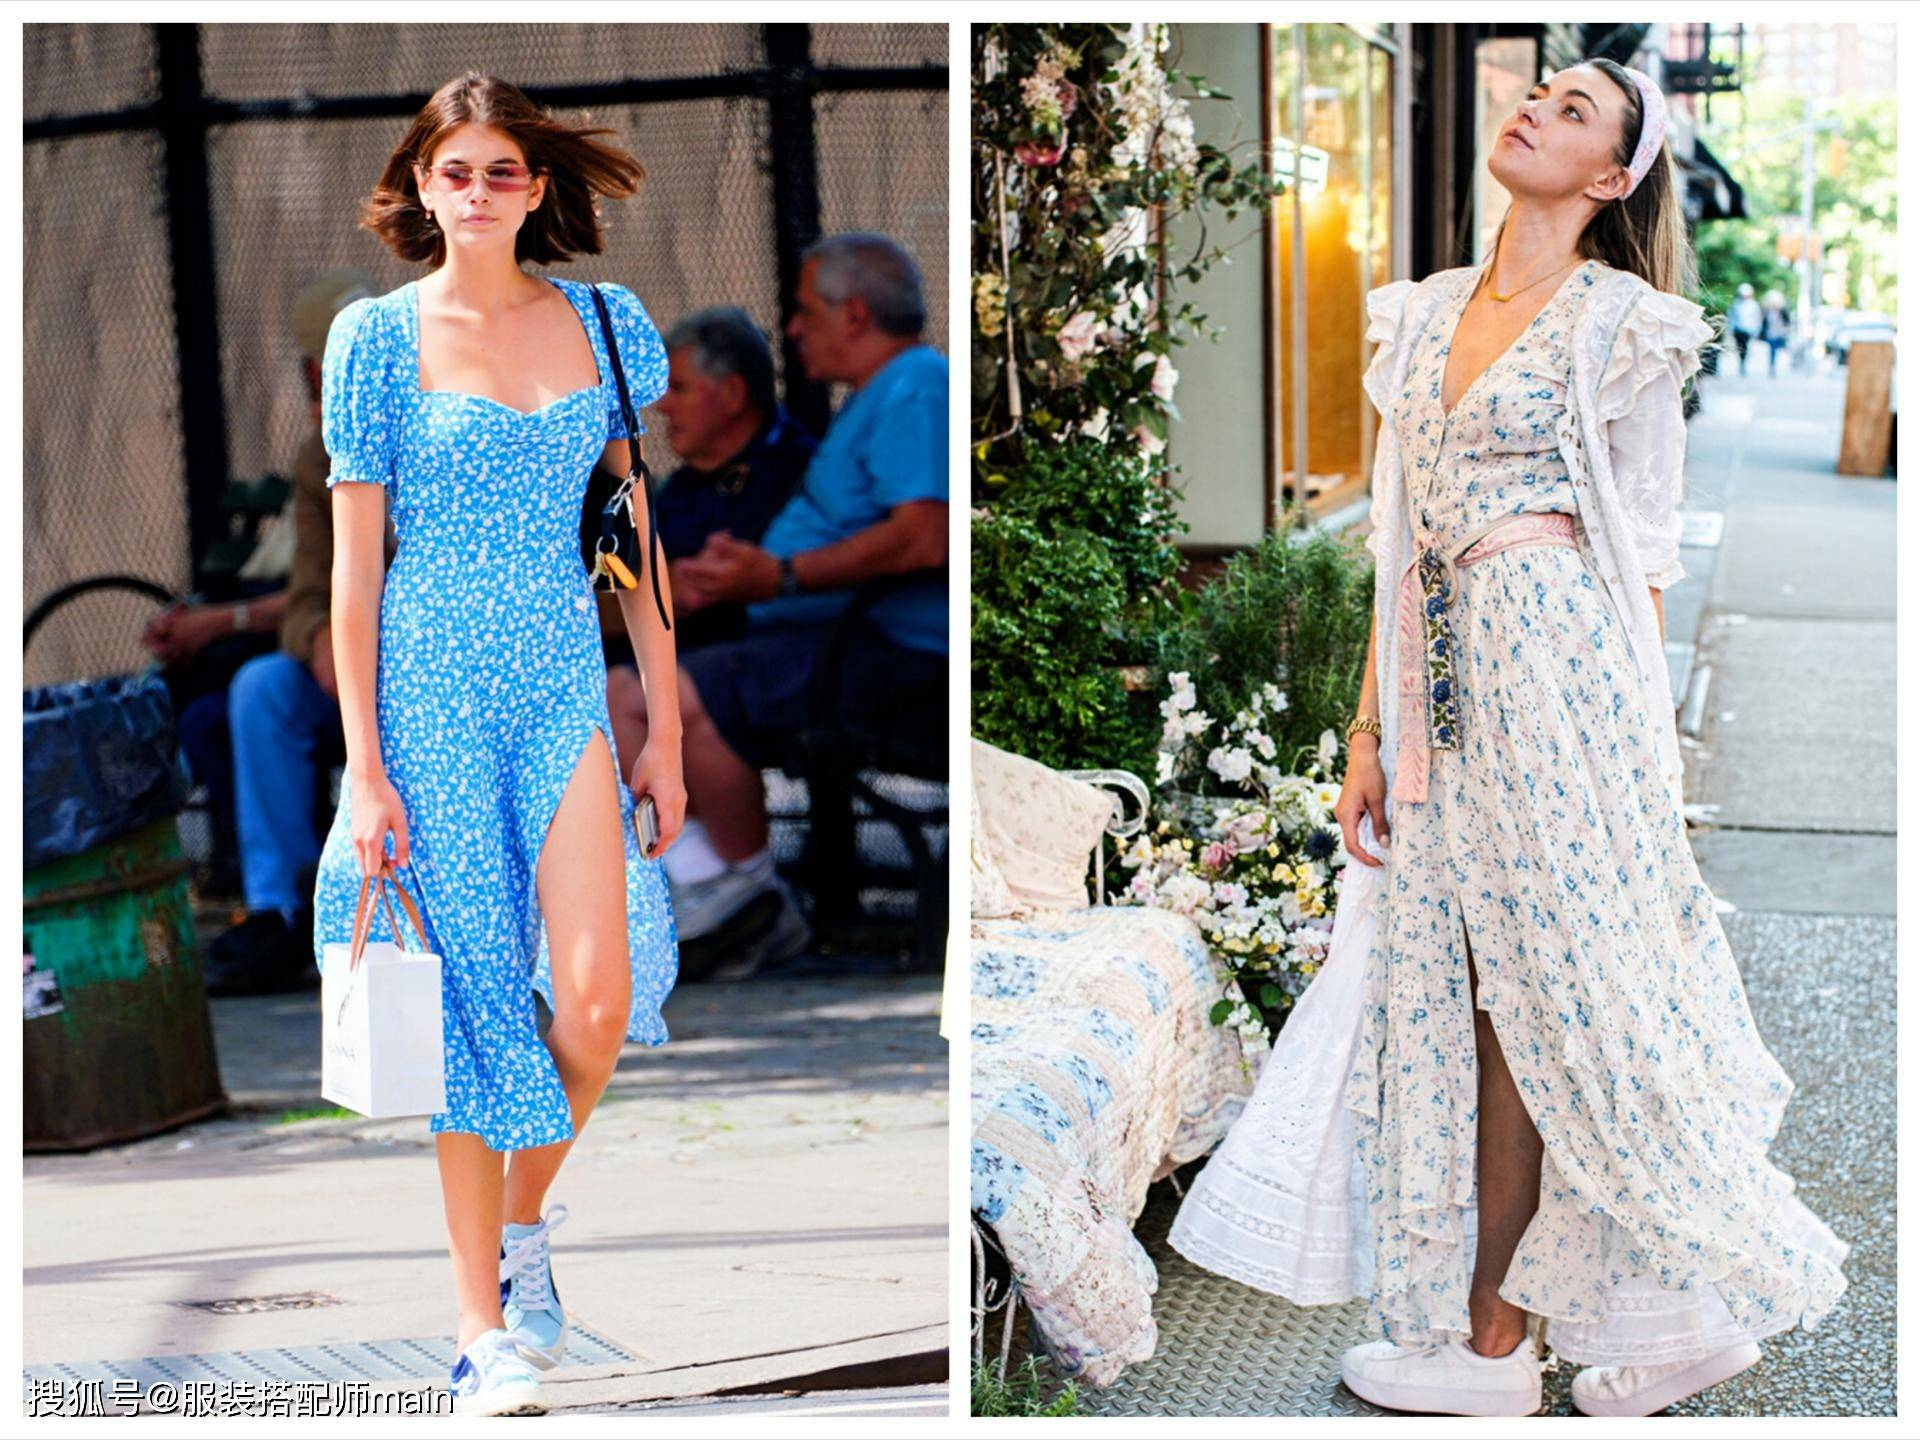 原创             这三条连衣裙太适合搭配运动鞋了,照着穿舒适又时髦